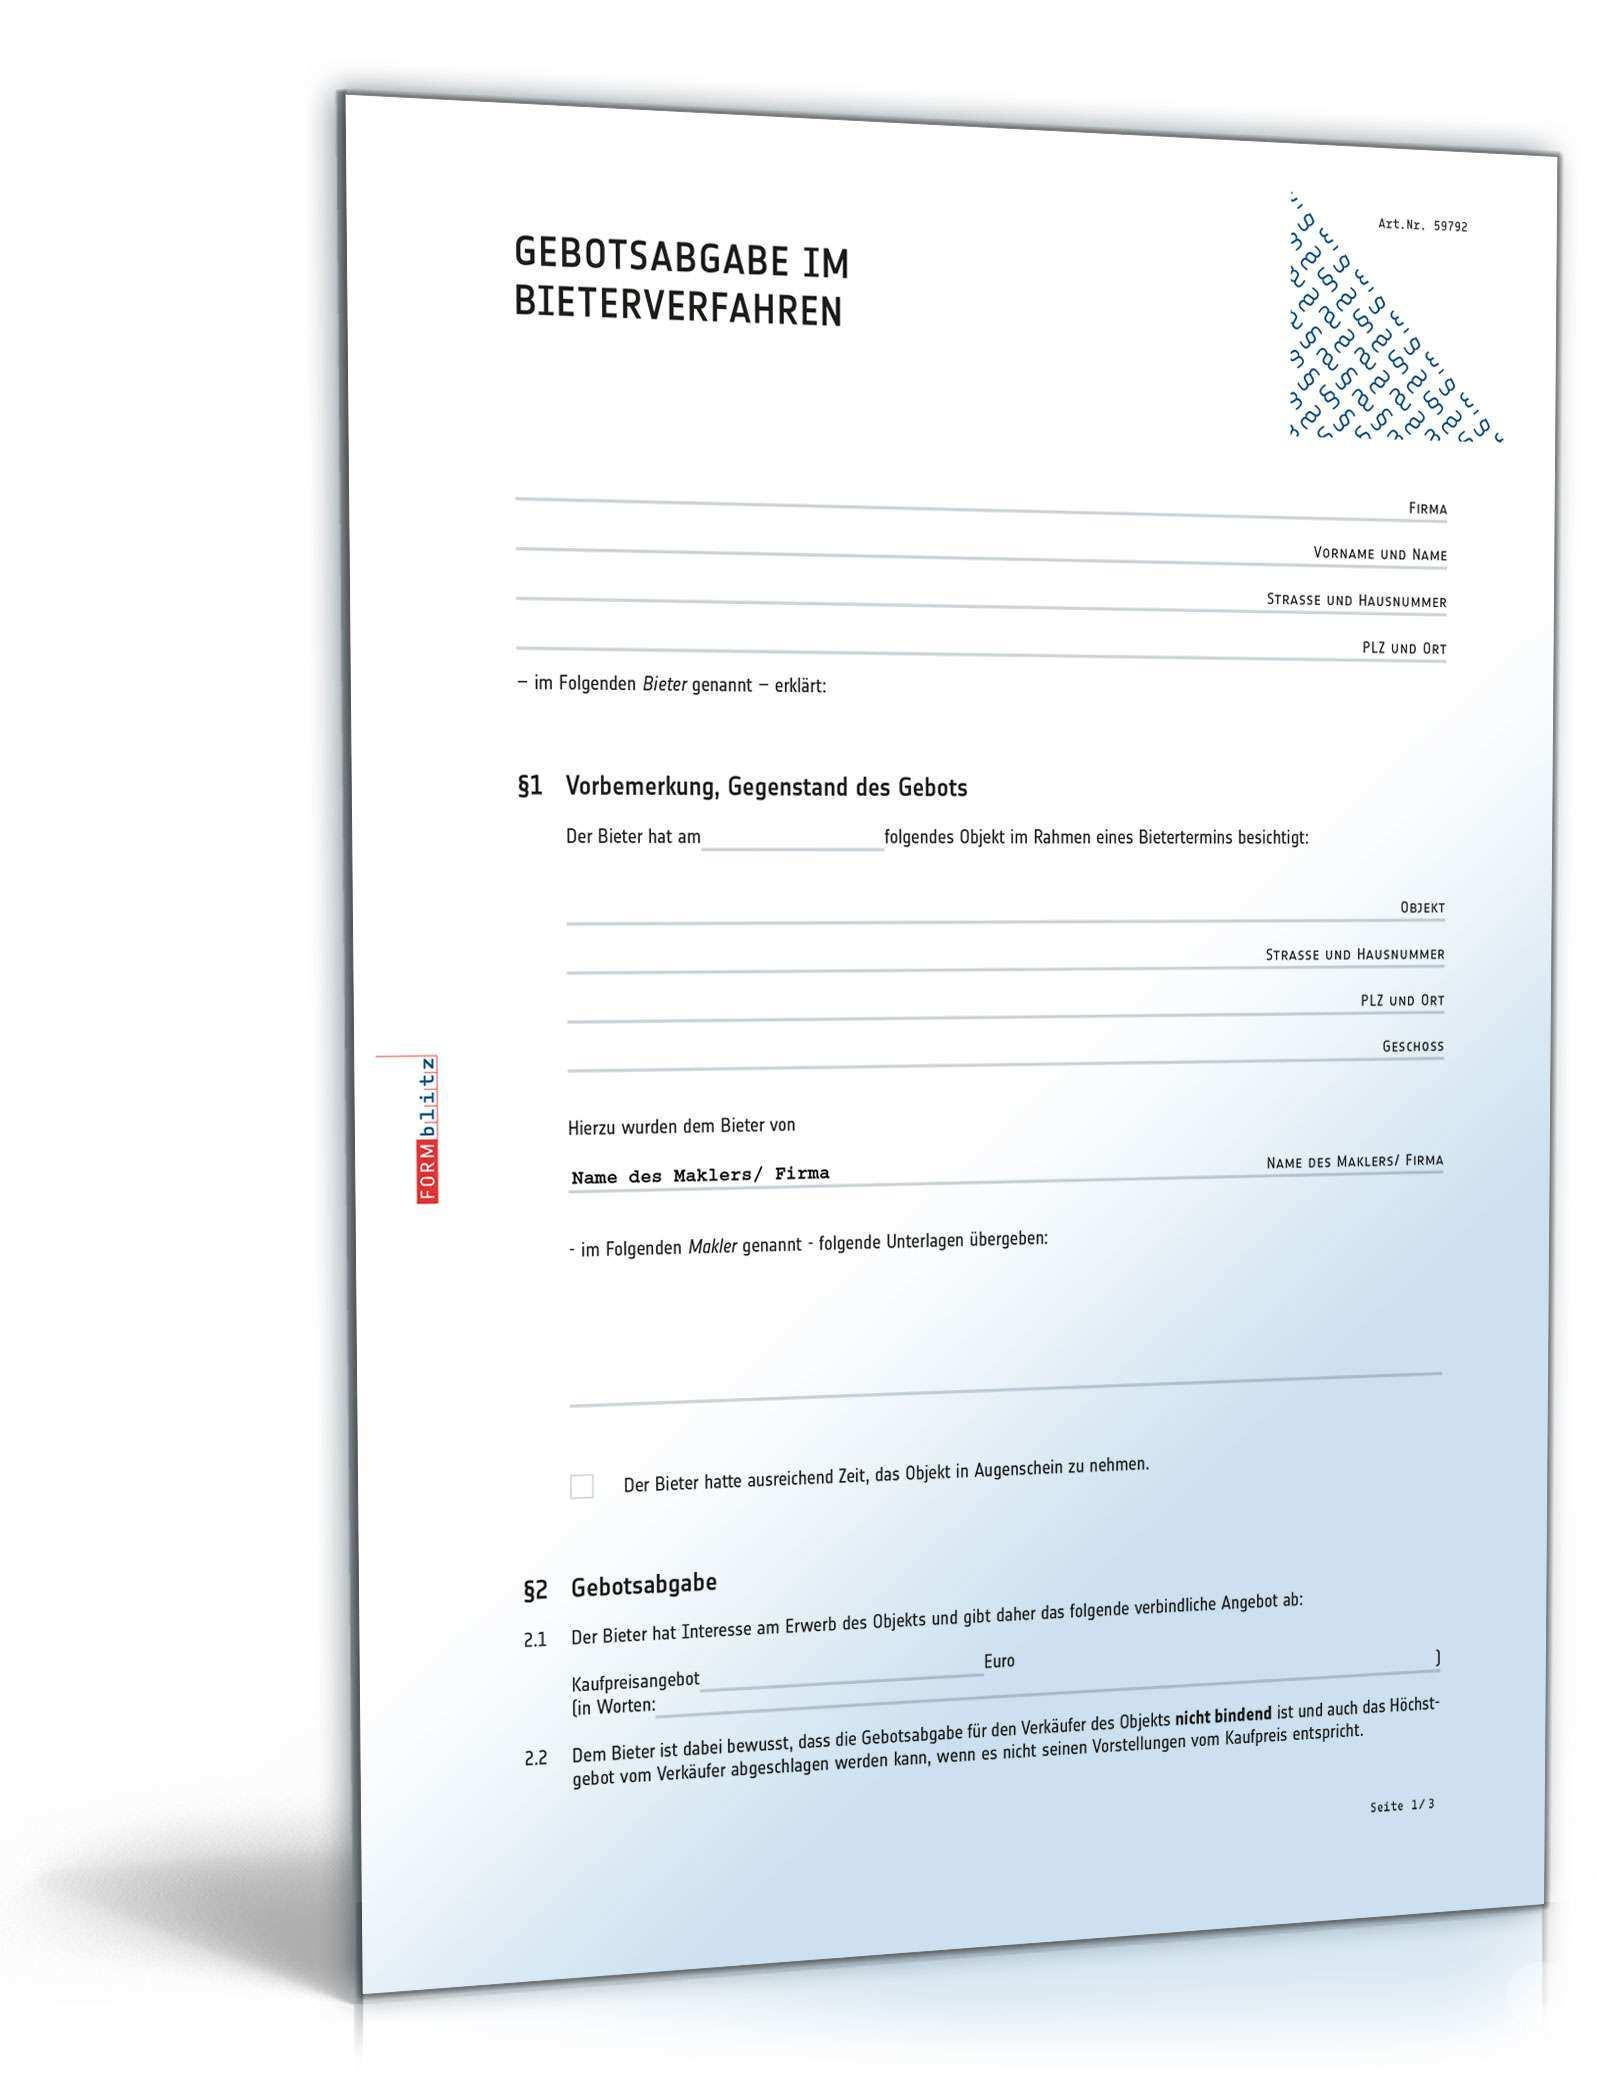 Bieterverfahren Gebotsabgabe Immobilie Muster Zum Download